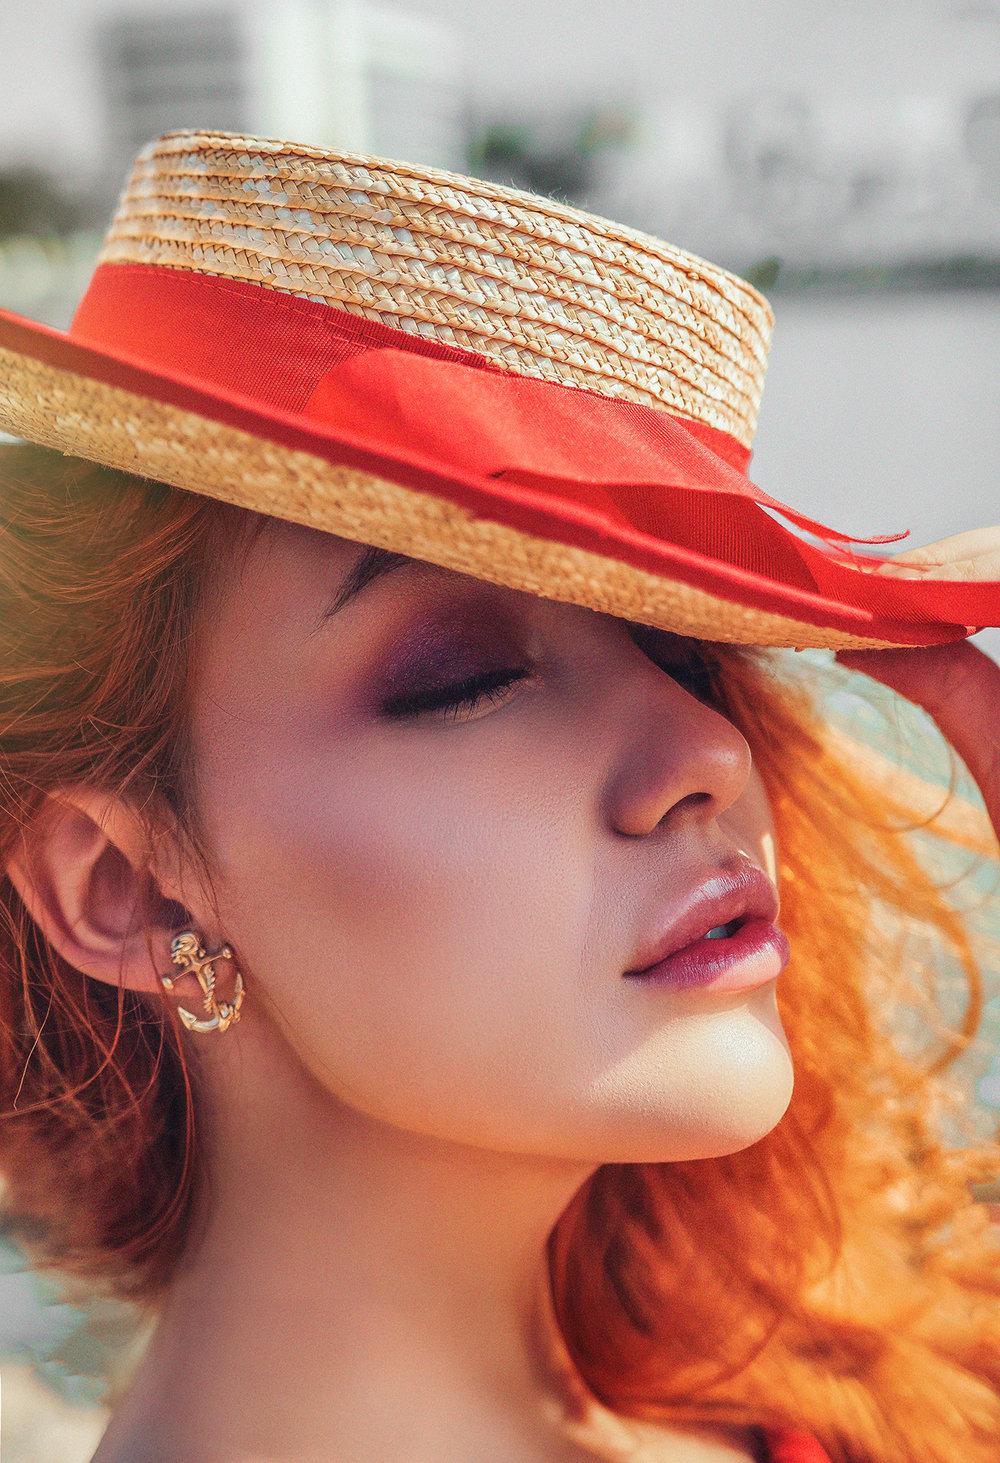 Crina Popescu Lady in red fotograf clar visator video2 .jpg